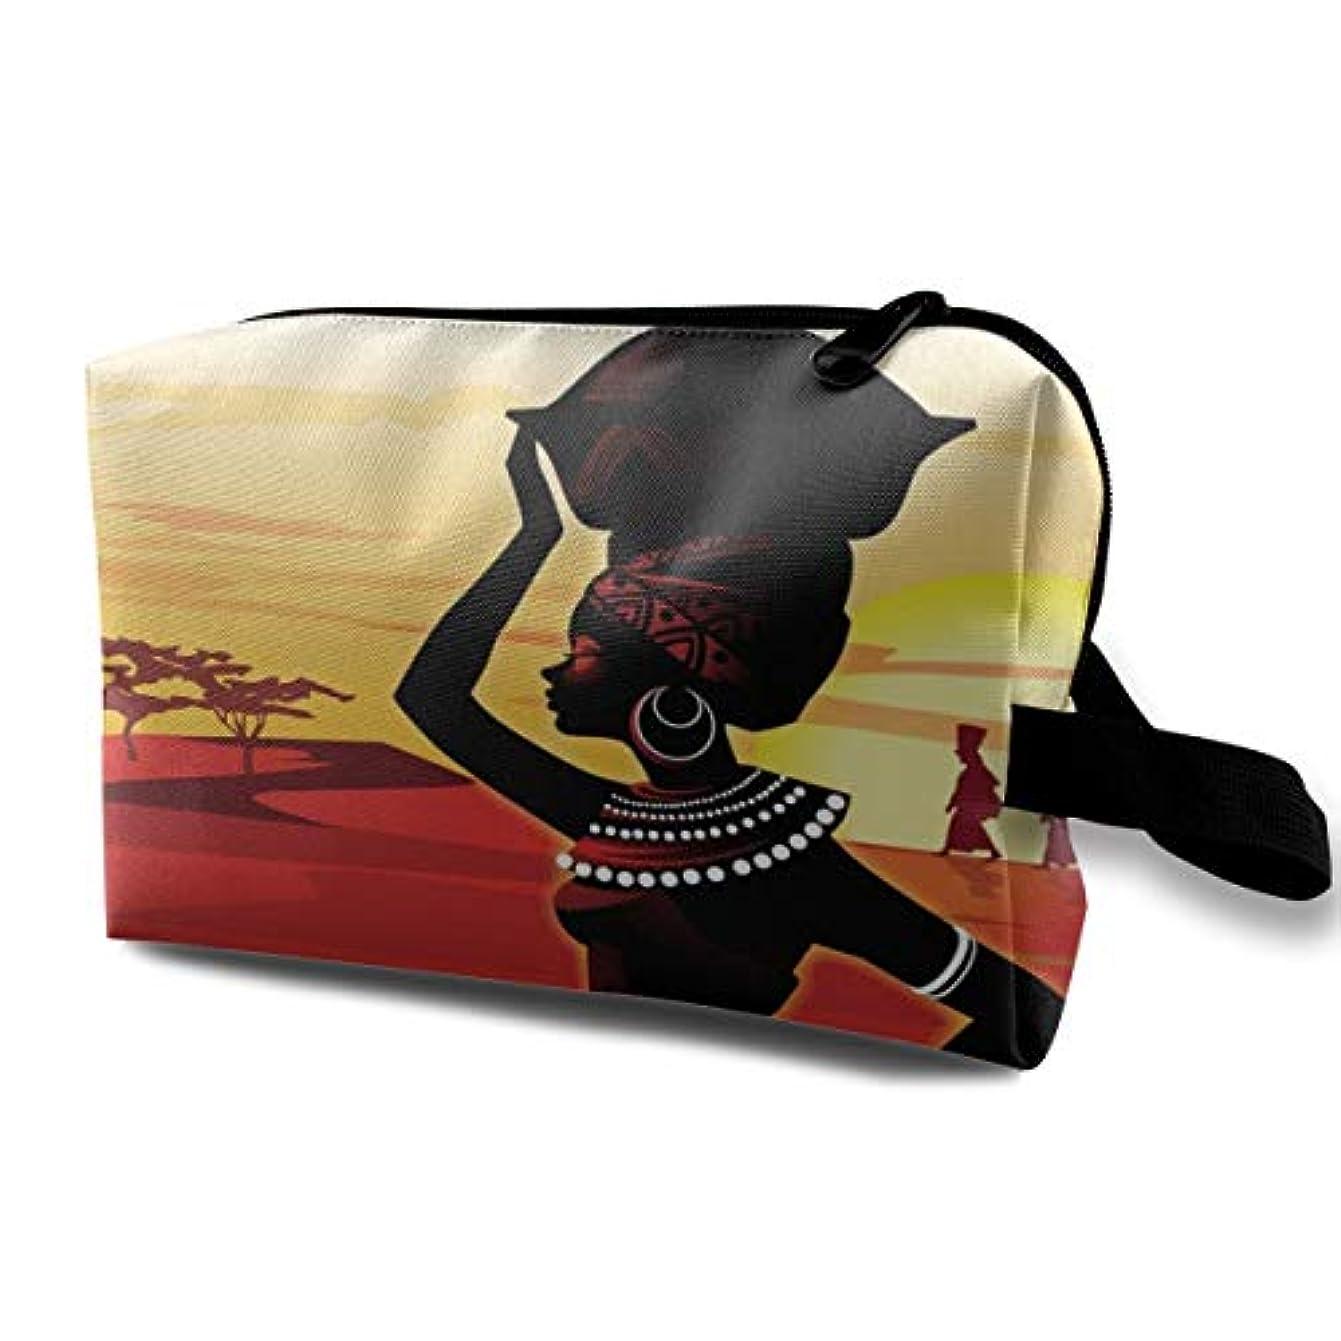 じゃがいもトレーニングと遊ぶOil Painting Art African Woman 収納ポーチ 化粧ポーチ 大容量 軽量 耐久性 ハンドル付持ち運び便利。入れ 自宅?出張?旅行?アウトドア撮影などに対応。メンズ レディース トラベルグッズ